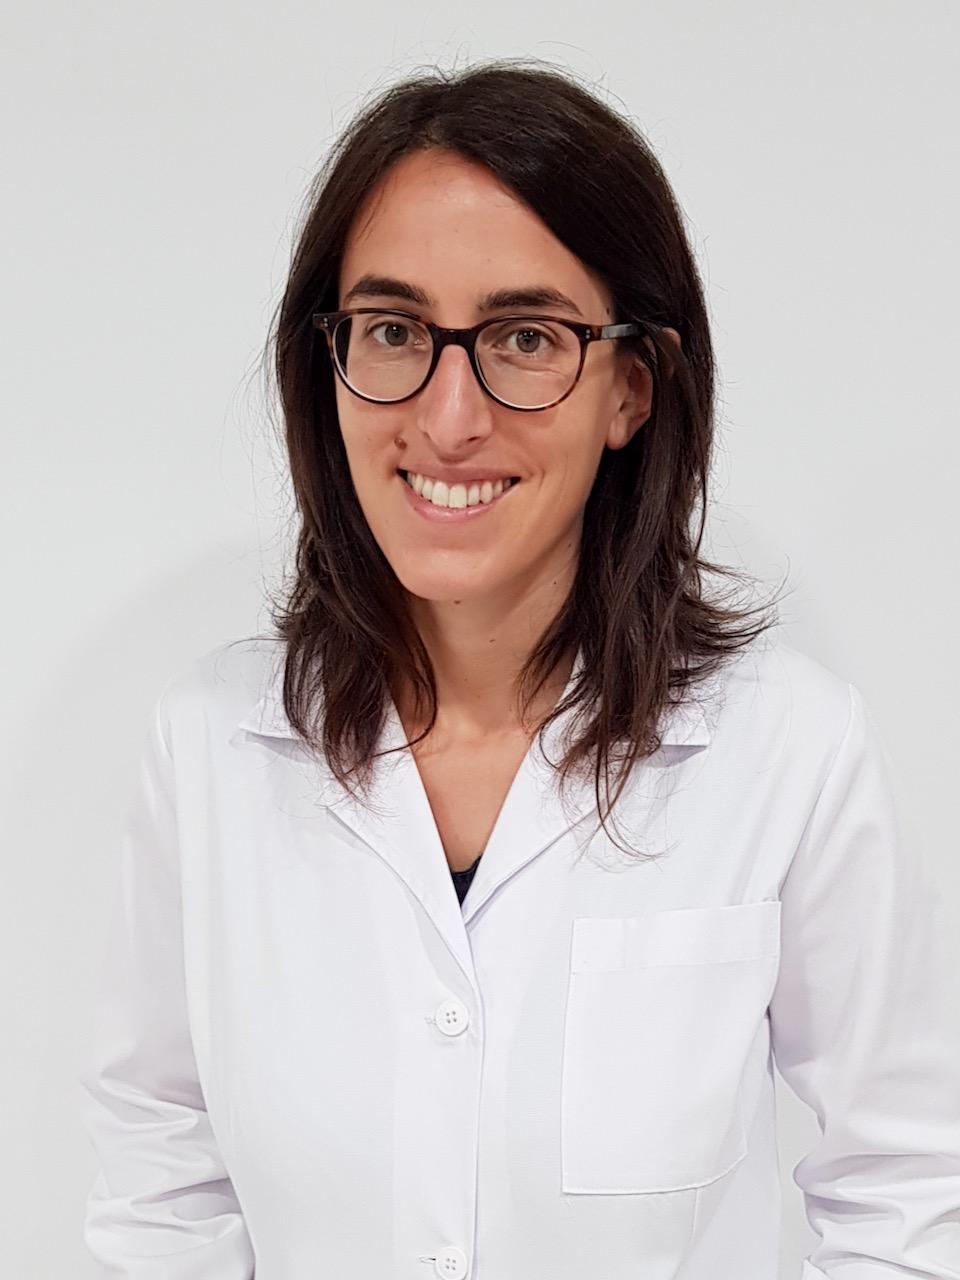 Dra. Natàlia Martí Poch